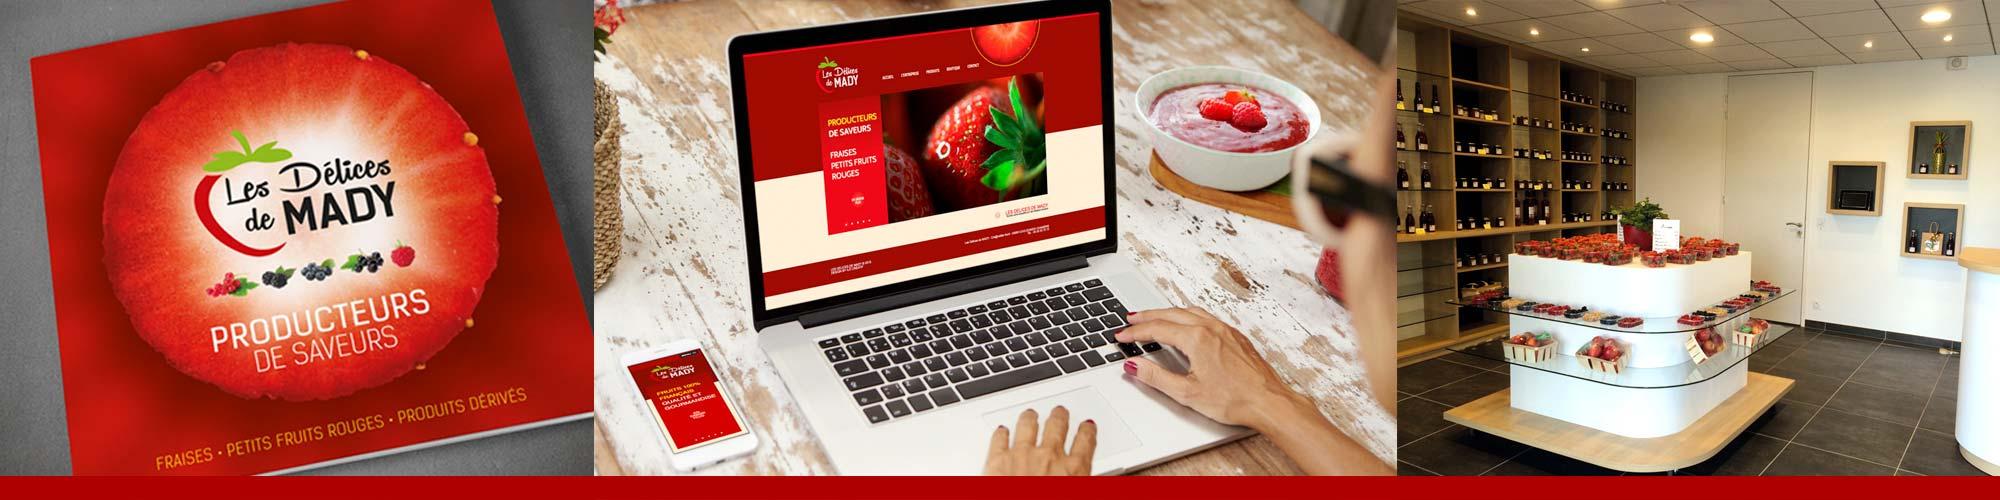 Les Délices de Mady est une entreprise spécialisée dans la production et la transformation de fruits rouges frais / Accompagnement ILÔ Créatif : Identité, univers de marque, packagings et design d'espace